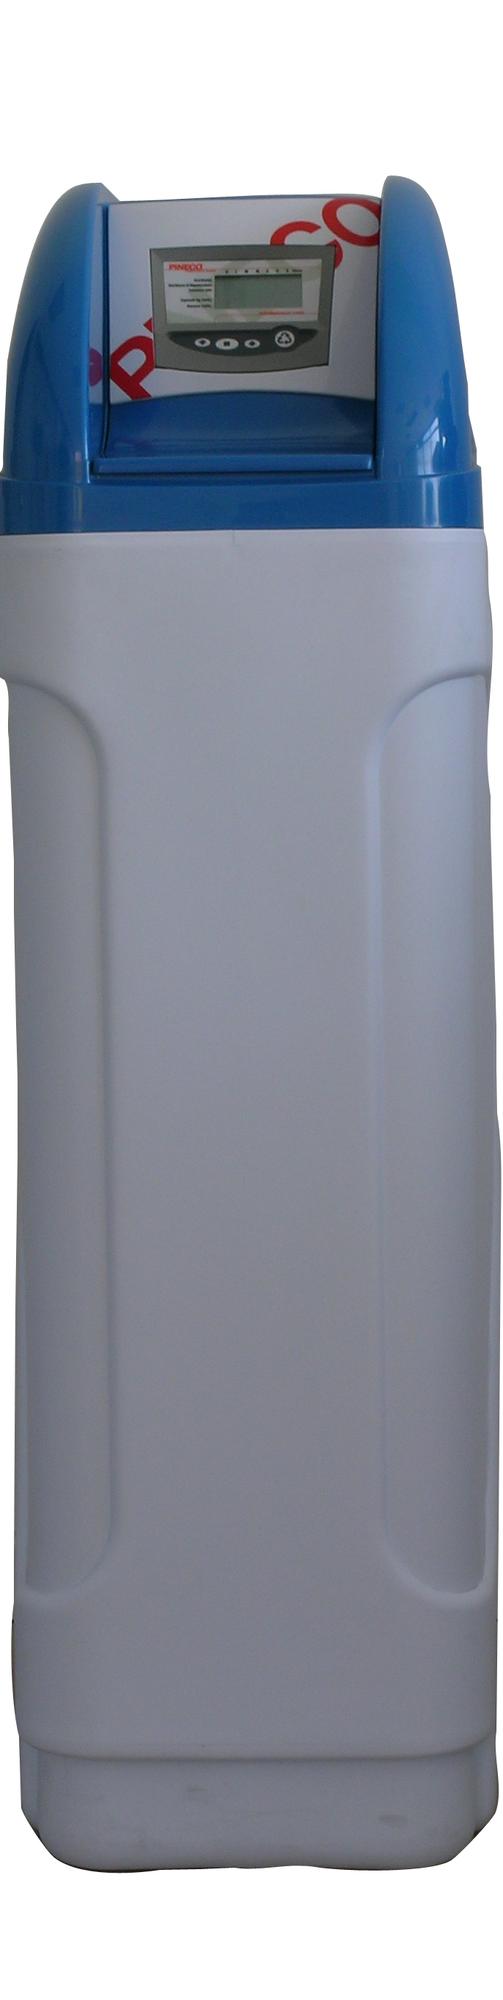 Ac15lot pineco for Pineco trattamento acqua